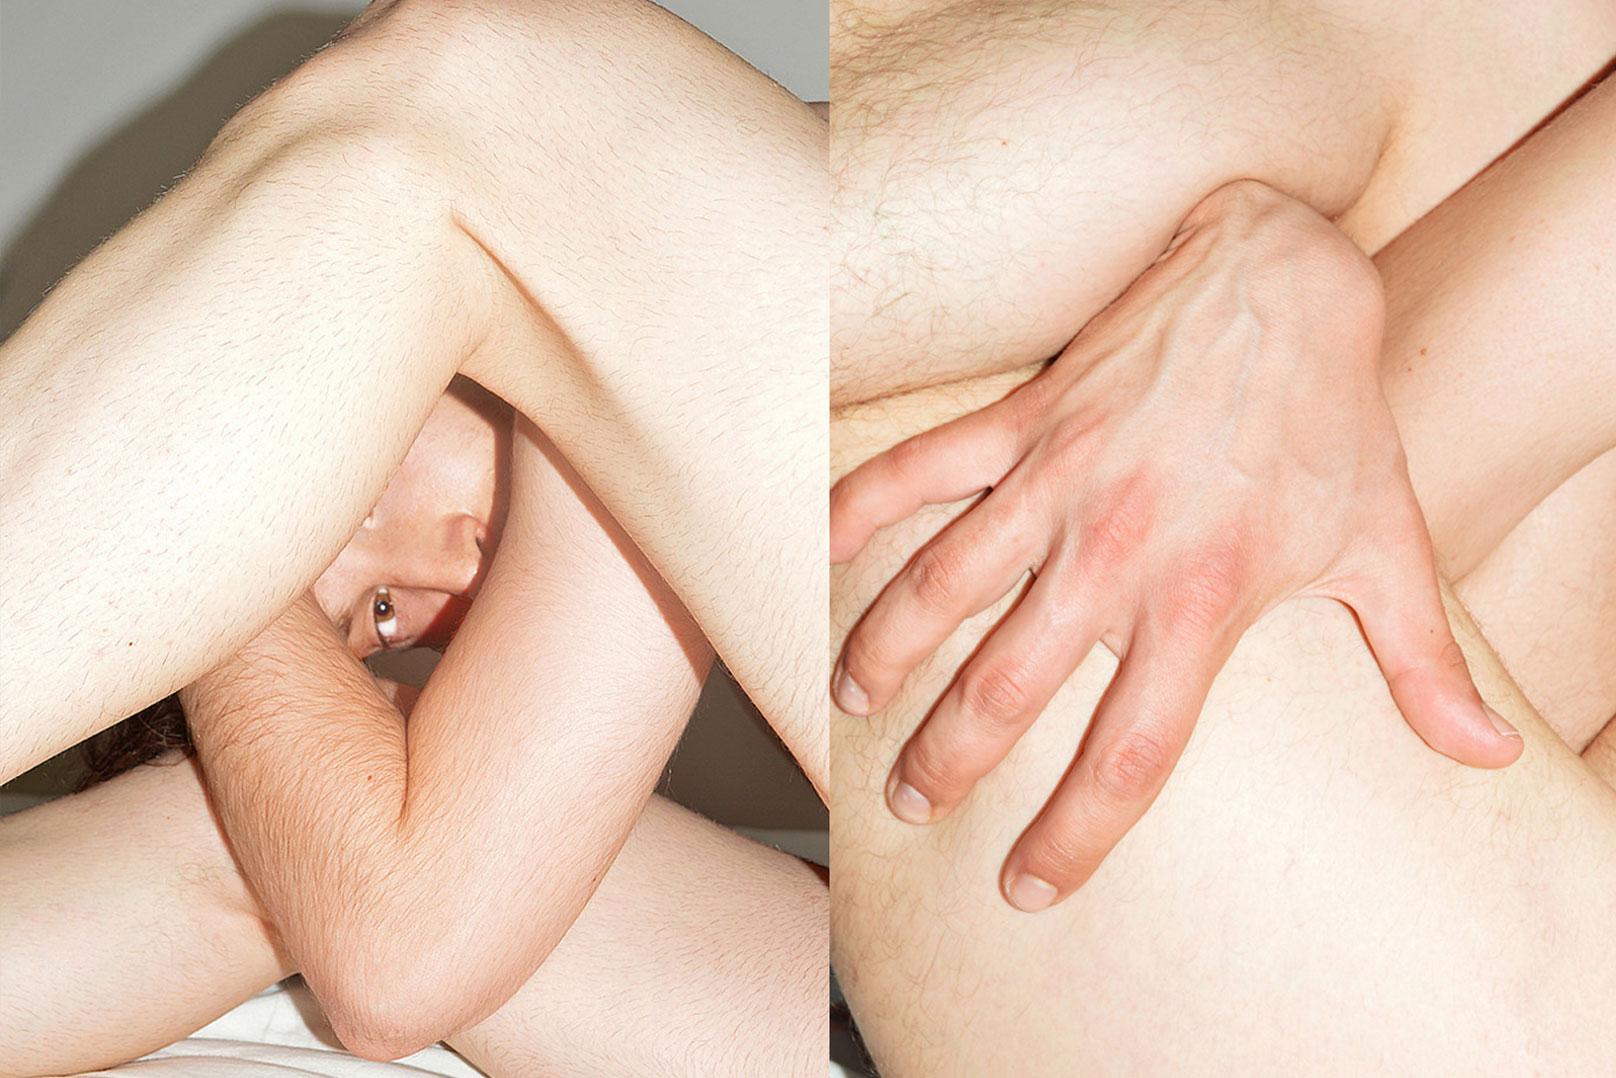 La nueva promiscuidad: crónicas de un encierro (gay) durante la pandemia